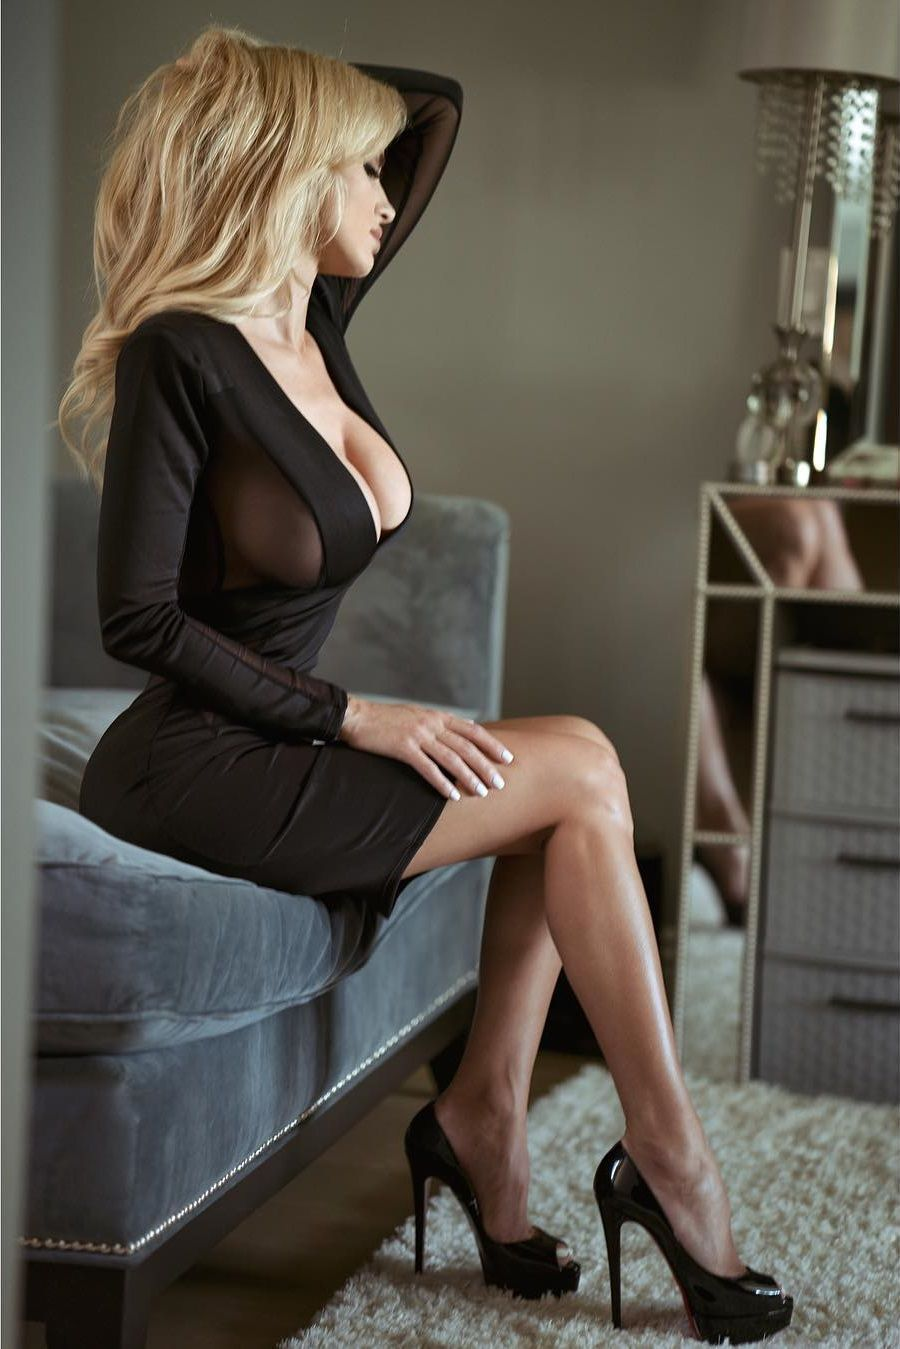 Leanna Blonde Ass